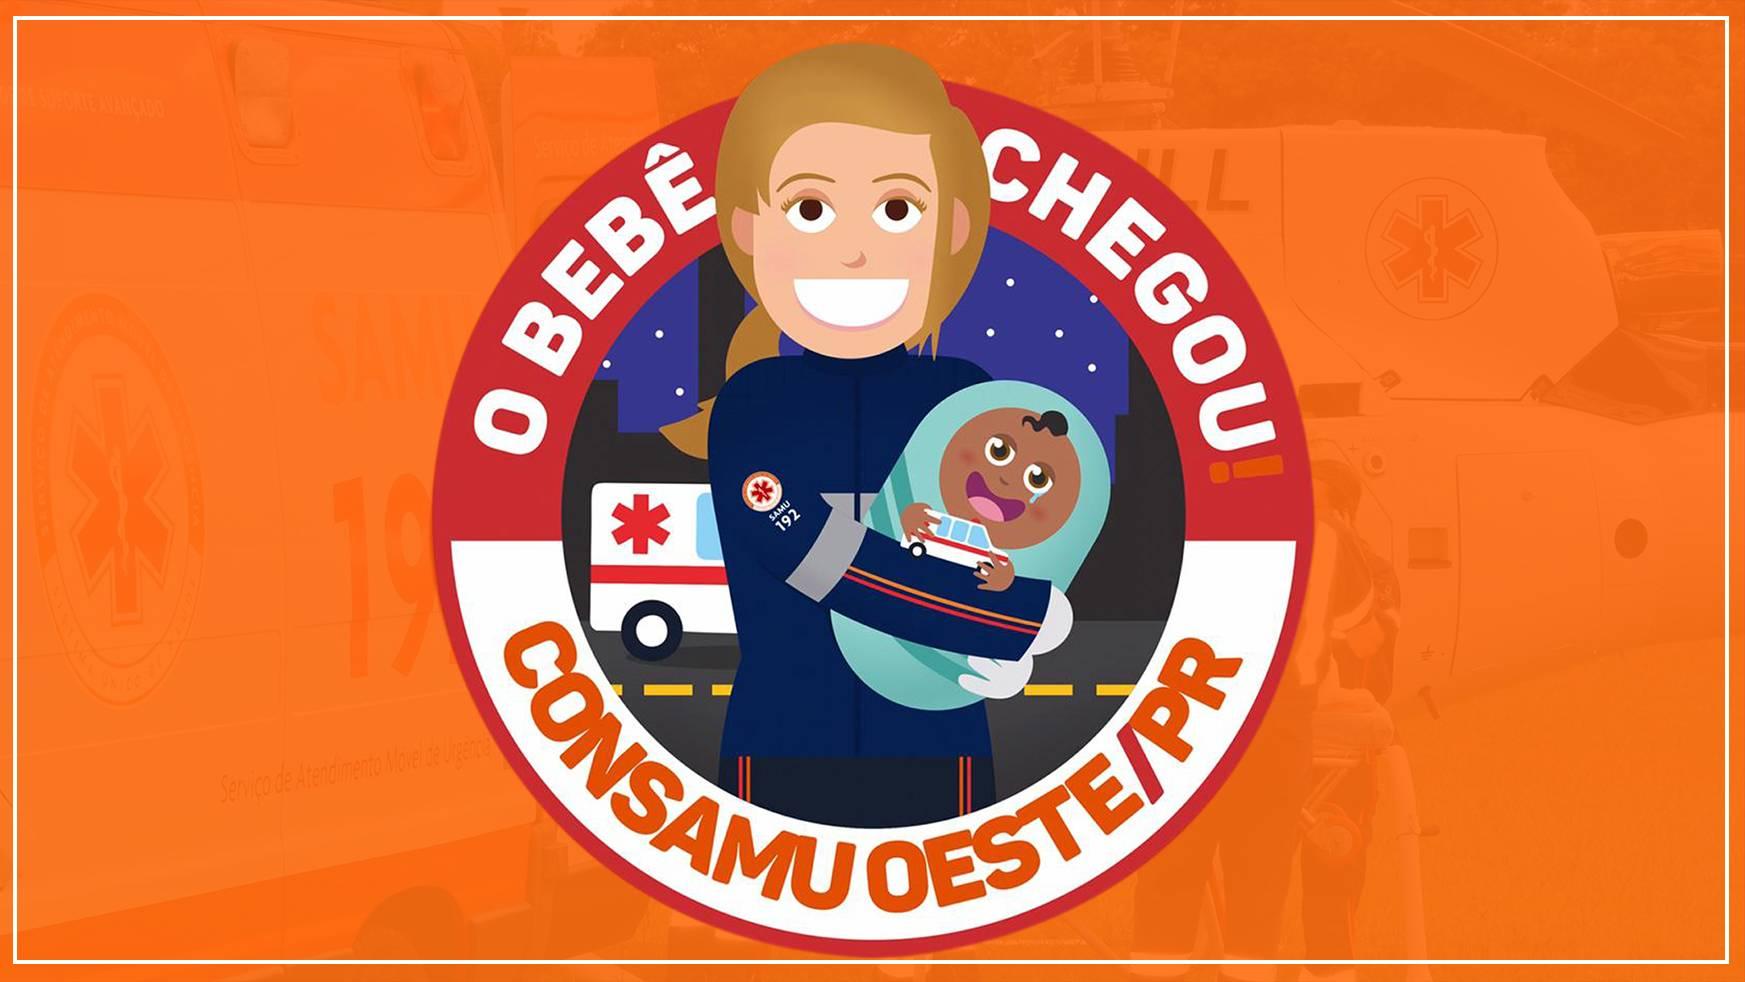 Socorristas do Samu realizam parto de menino no interior da ambulância em Cascavel